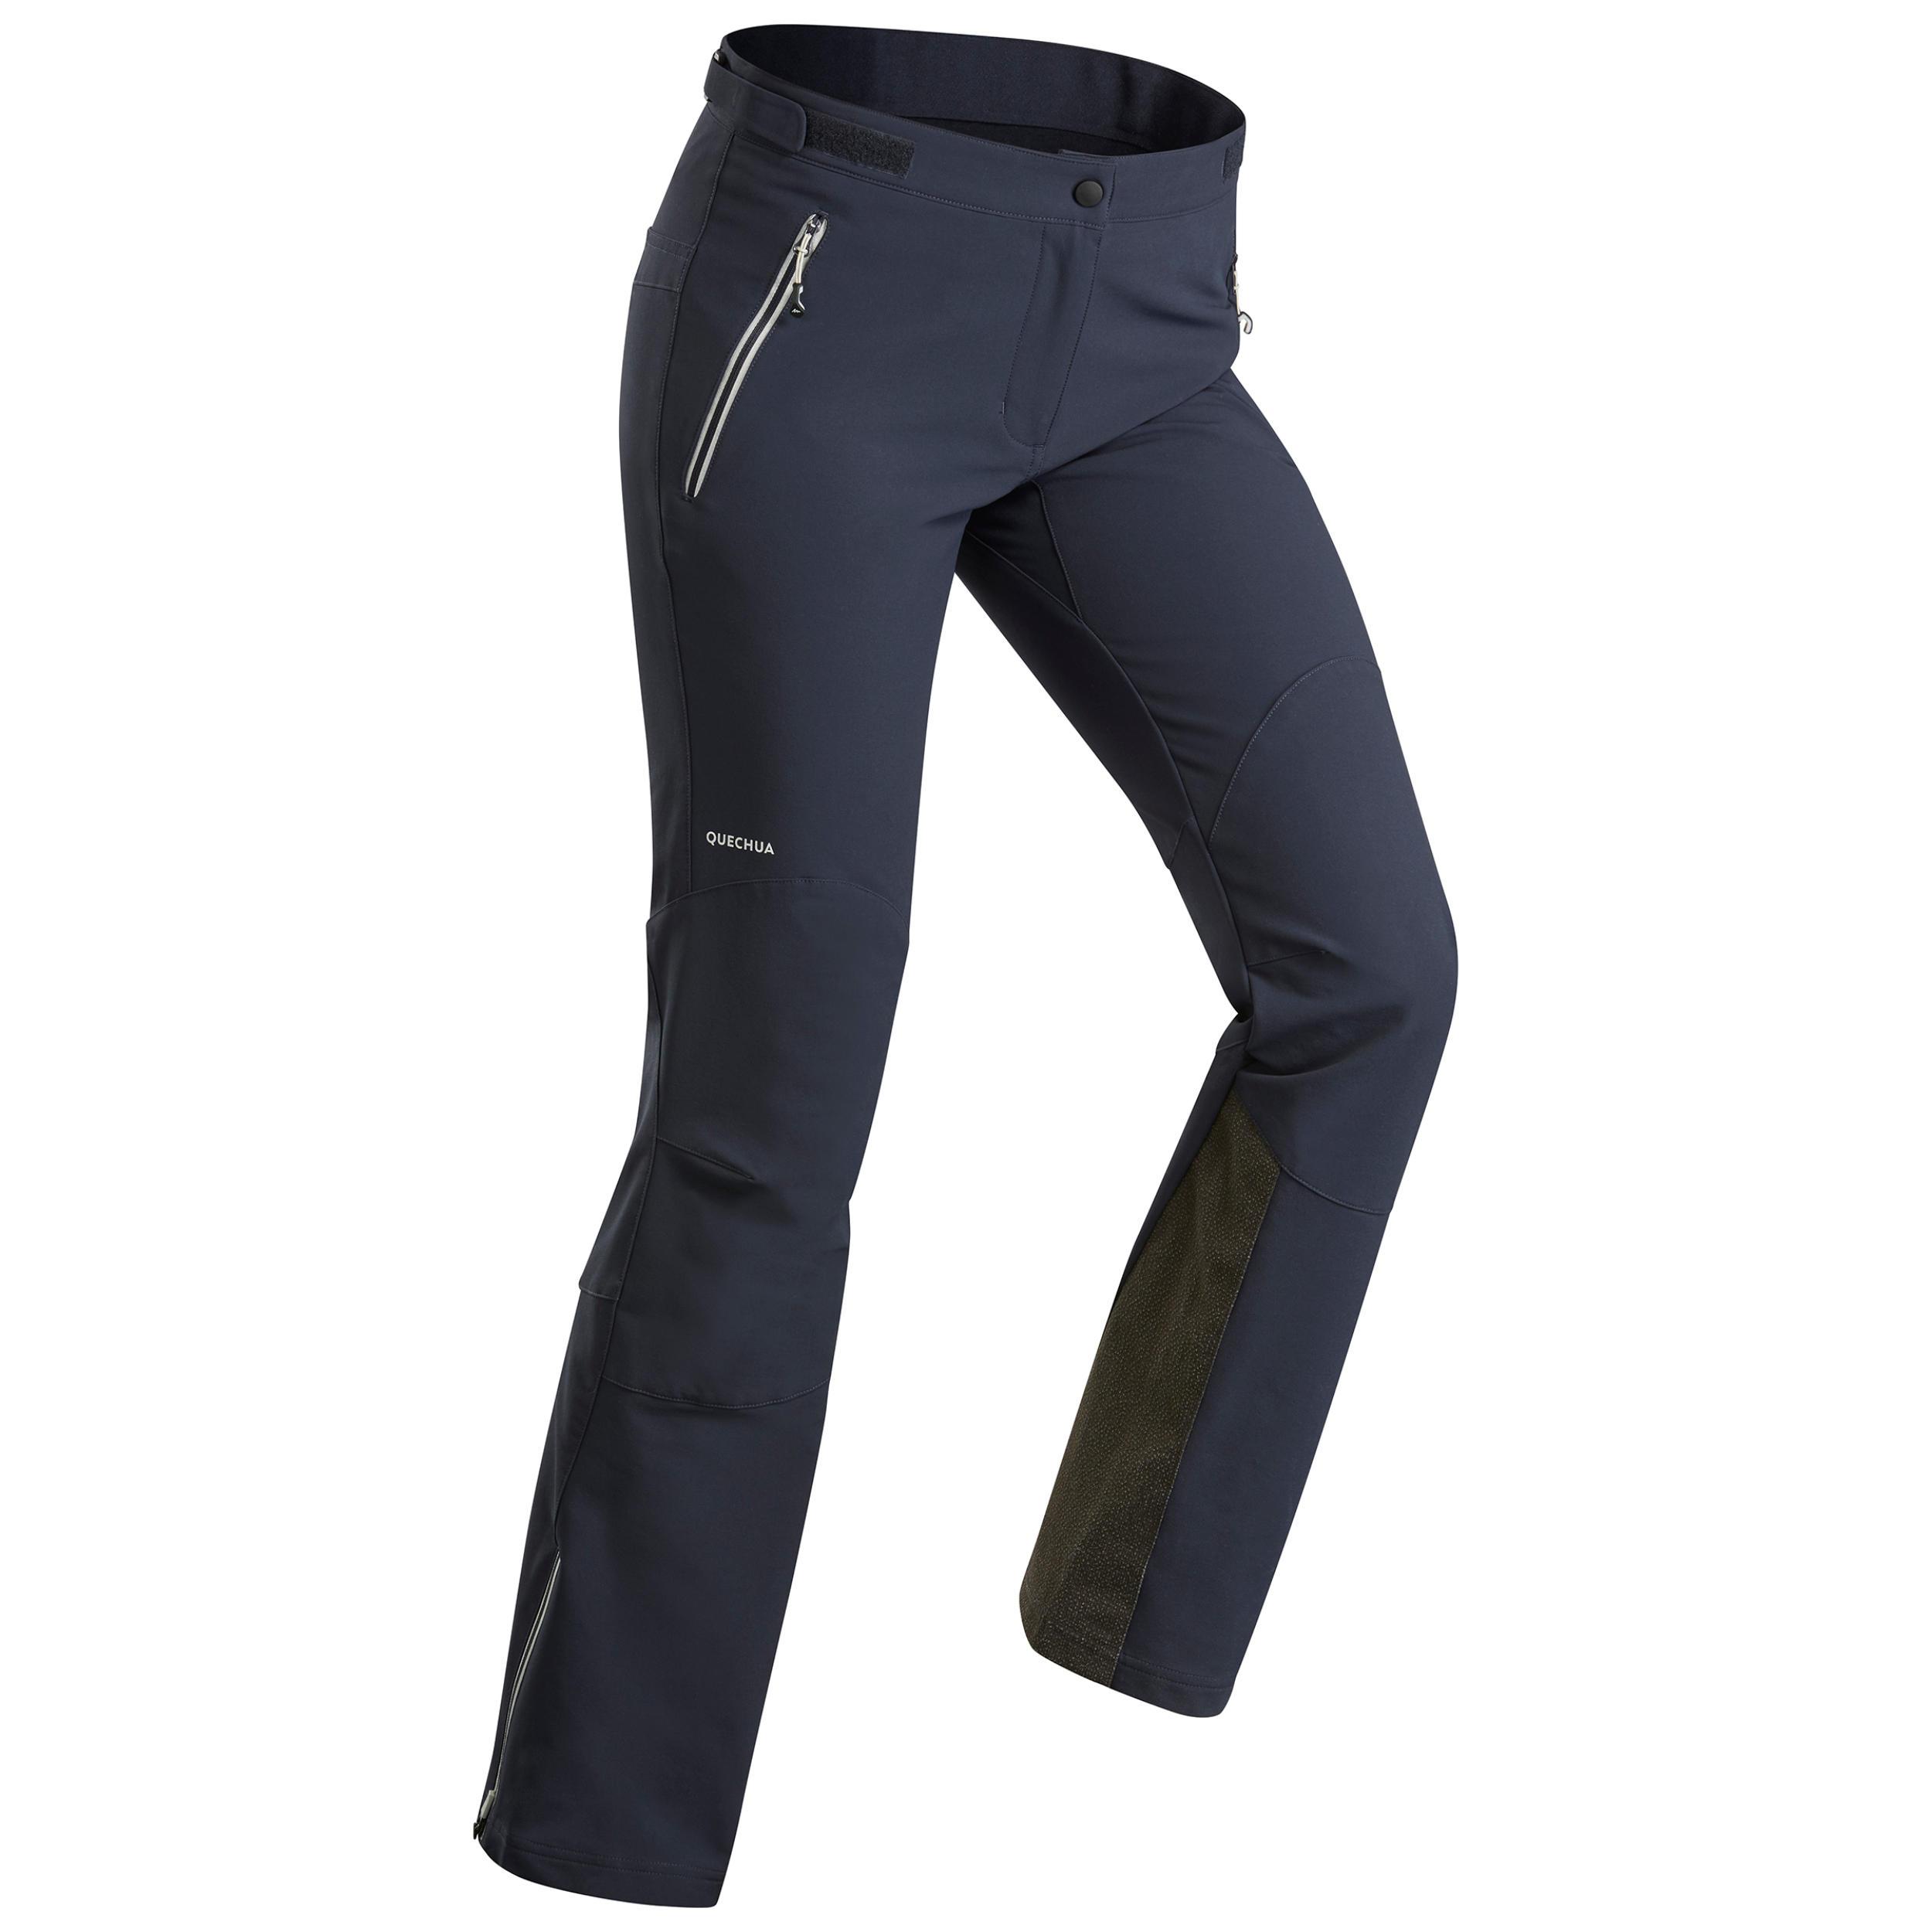 Softshellhose Winterwandern SH900 Warm Damen blau   Sportbekleidung > Sporthosen > Softshellhosen   Blau   Quechua